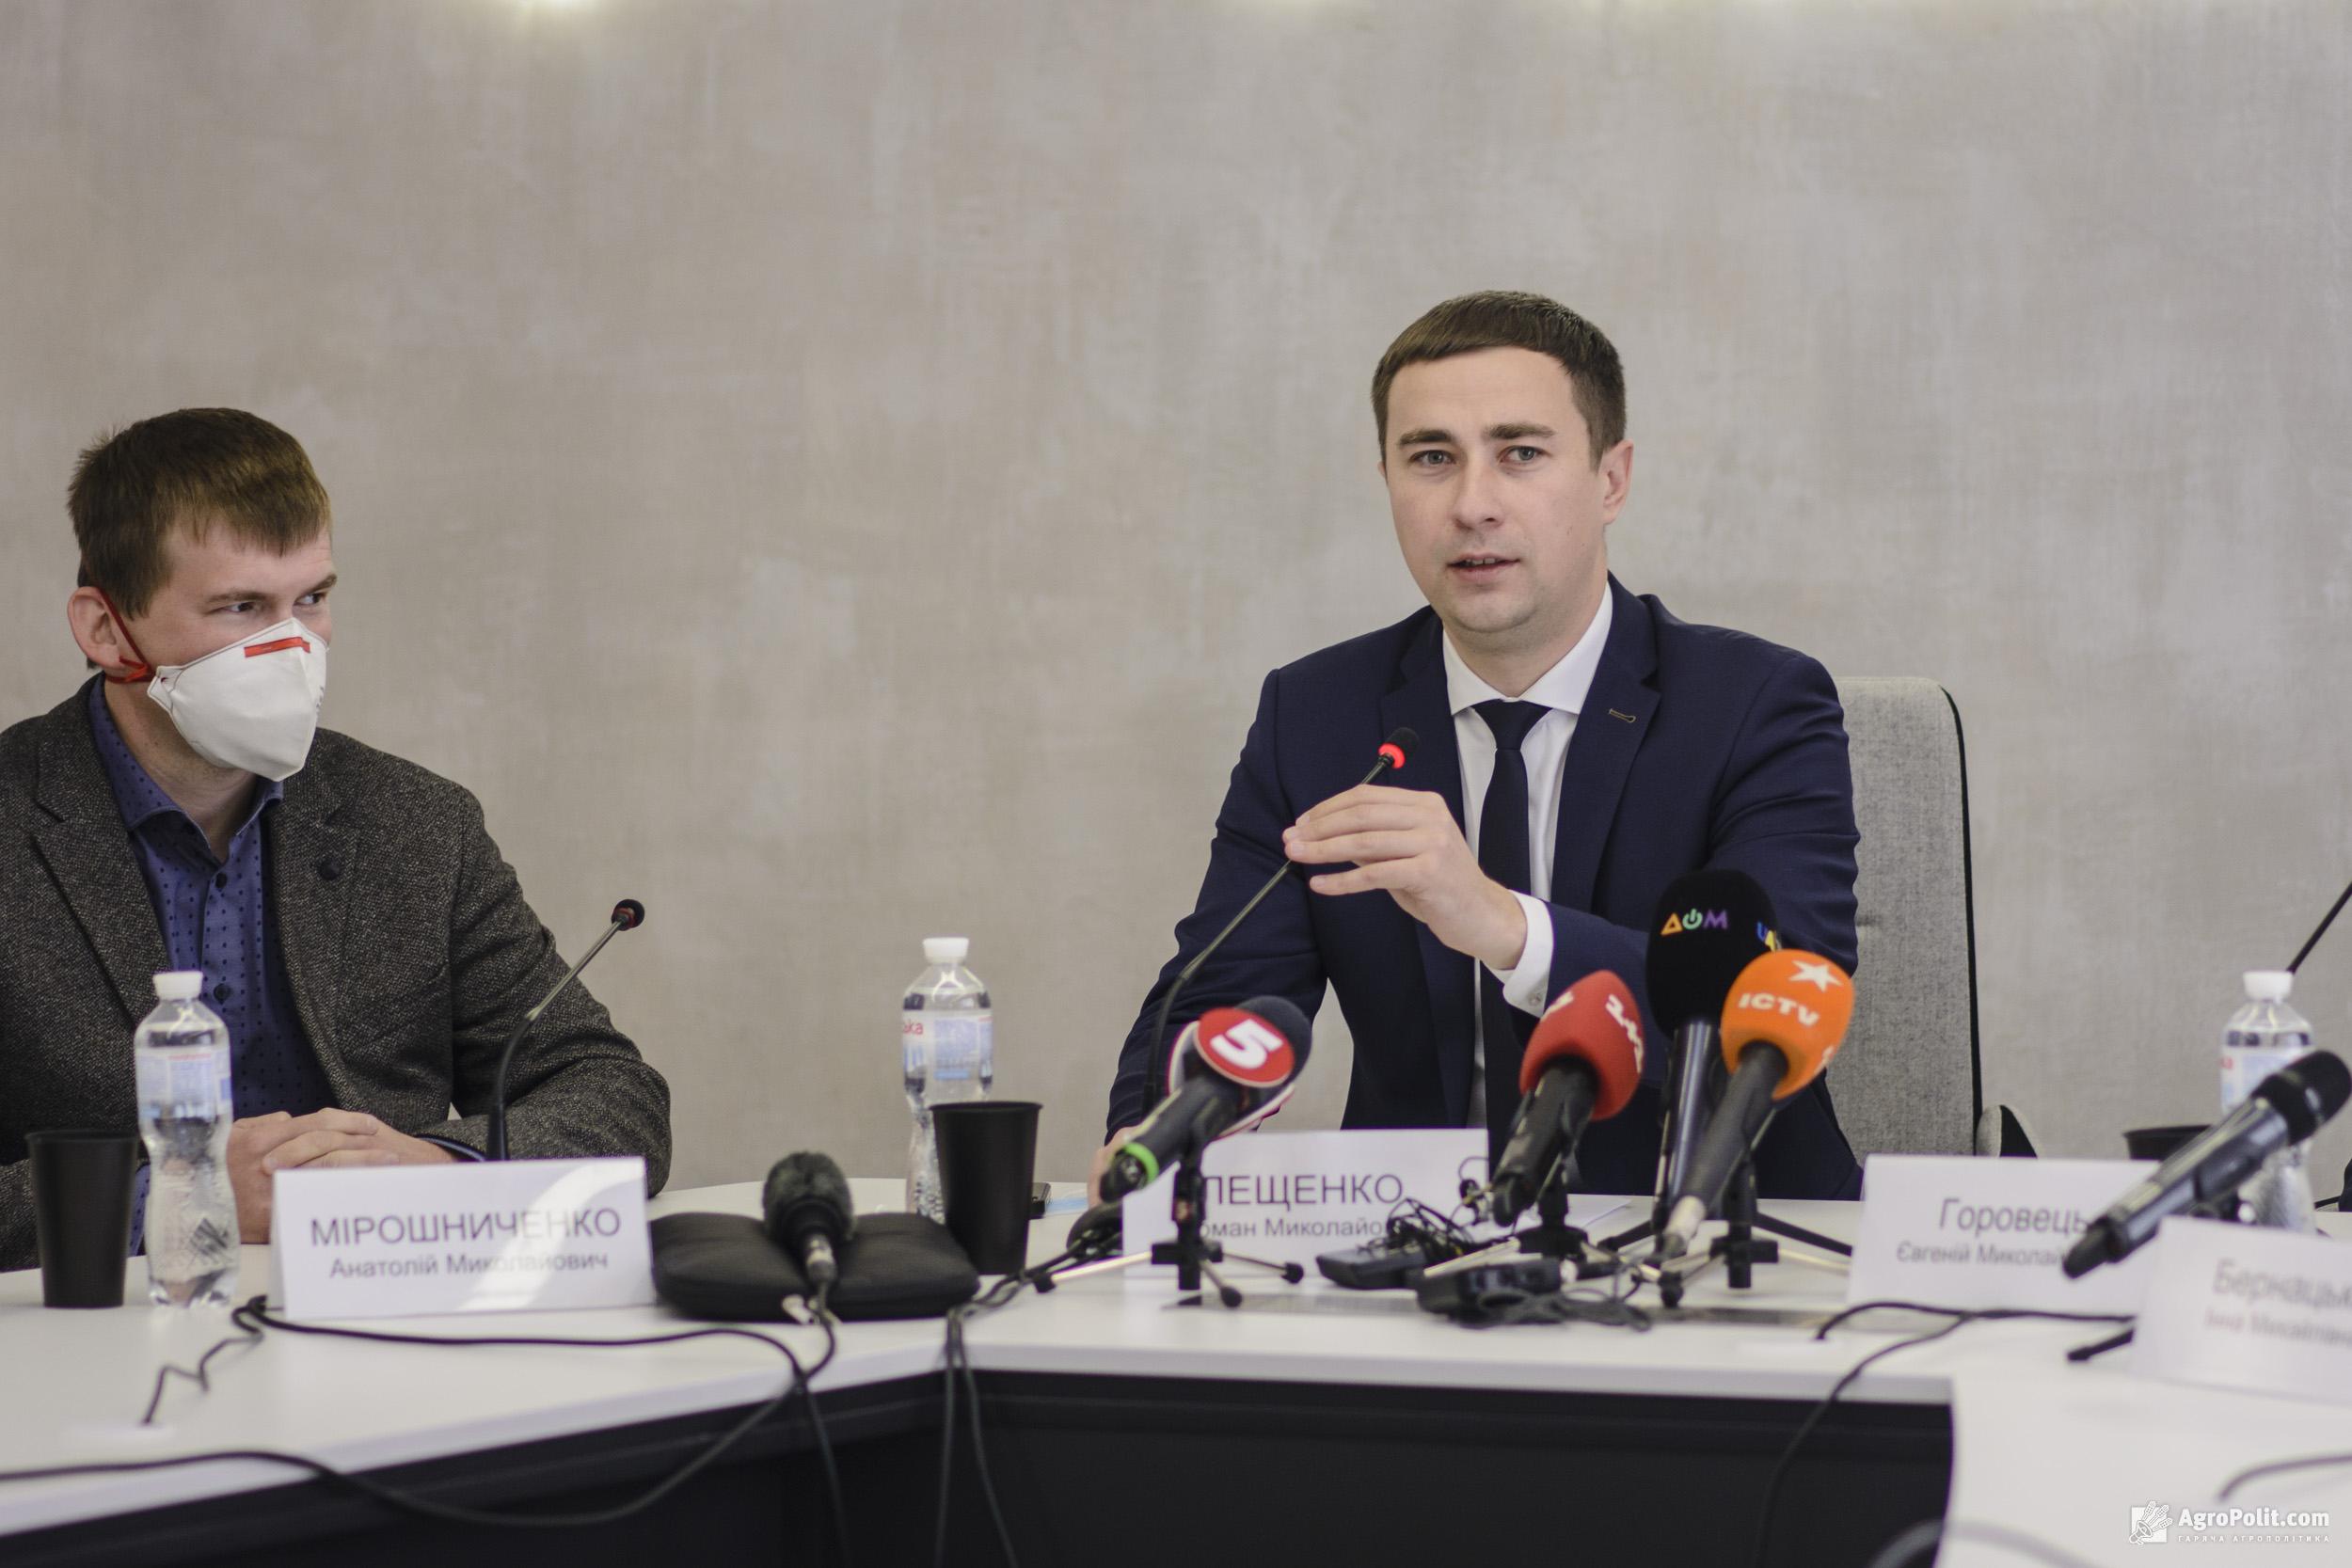 ещенко Роман Миколайович, міністр аграрної політики та продовольства, голова Держгеокадастру, уповноважений президента із земельних питань